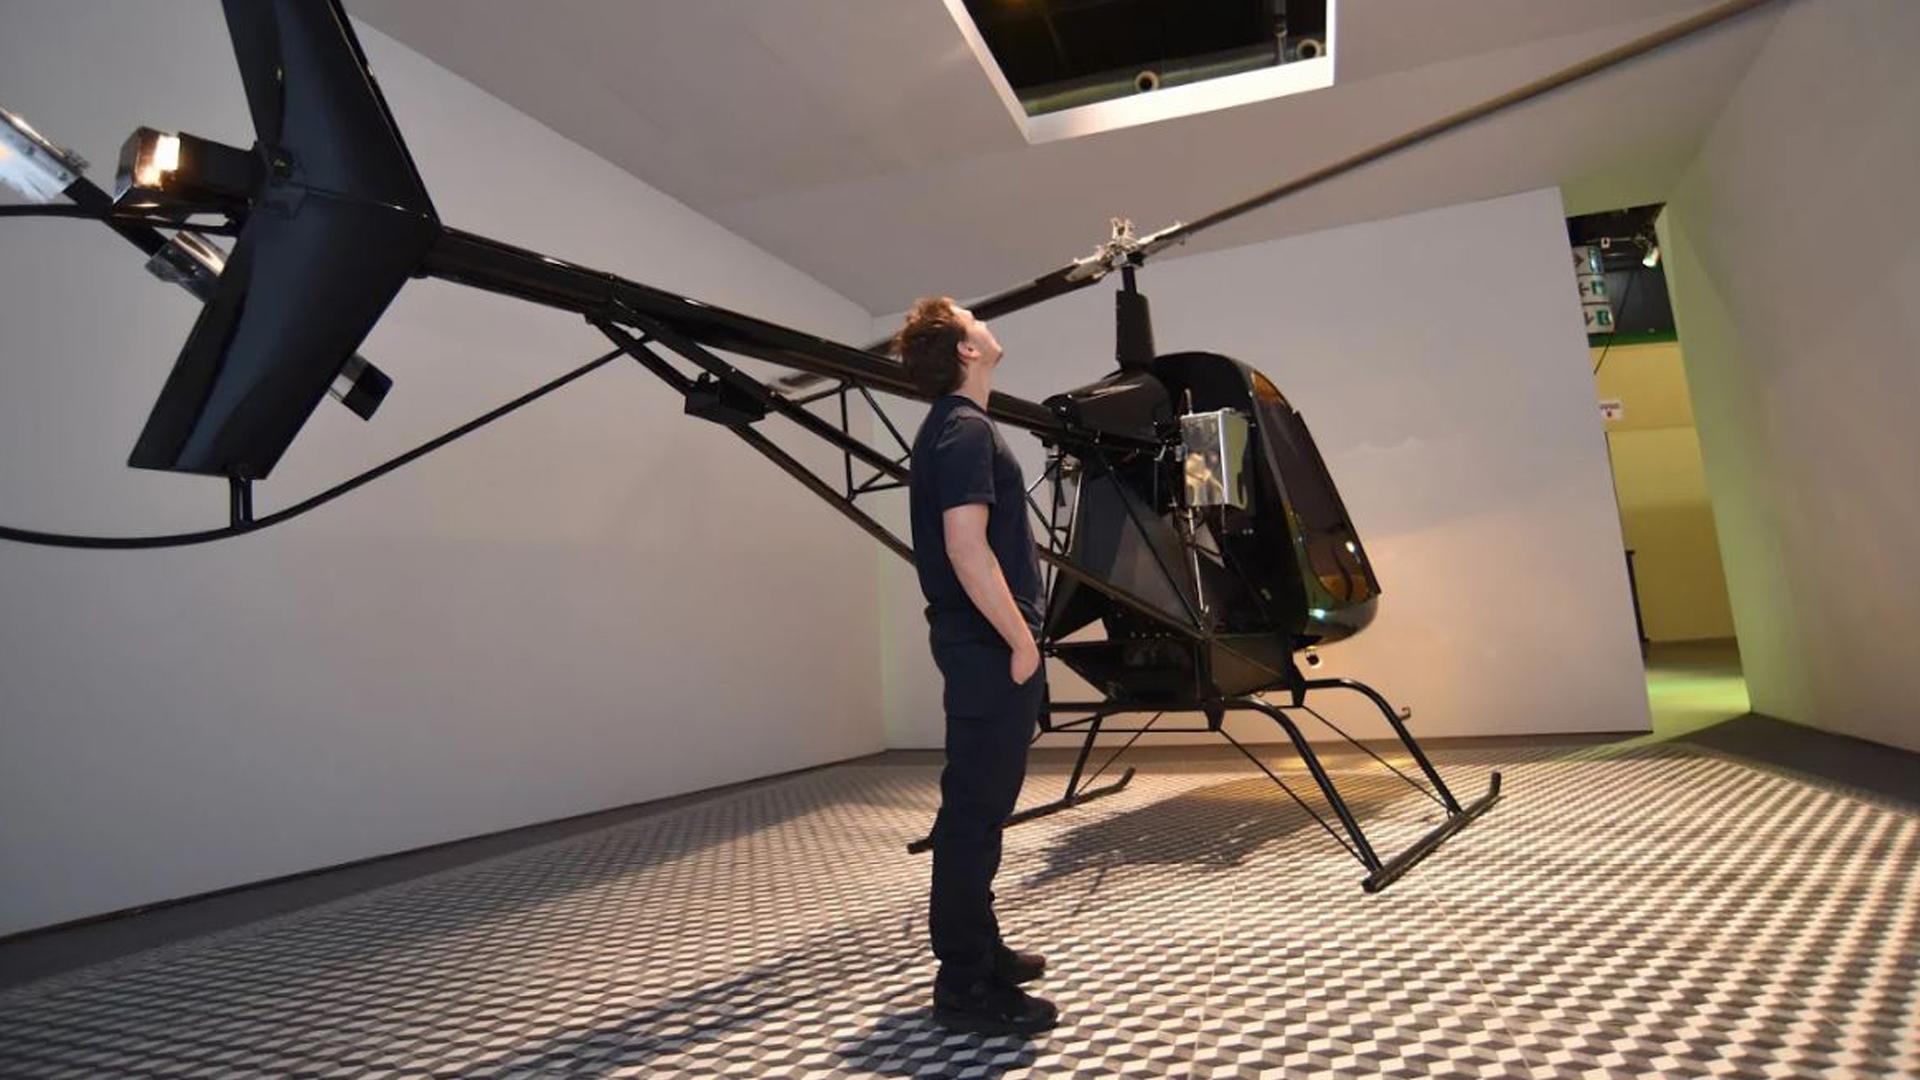 Basualdo pone en tensión dos elementos de naturaleza opuestas: una estructura sólida y una máquina diseñada para volar